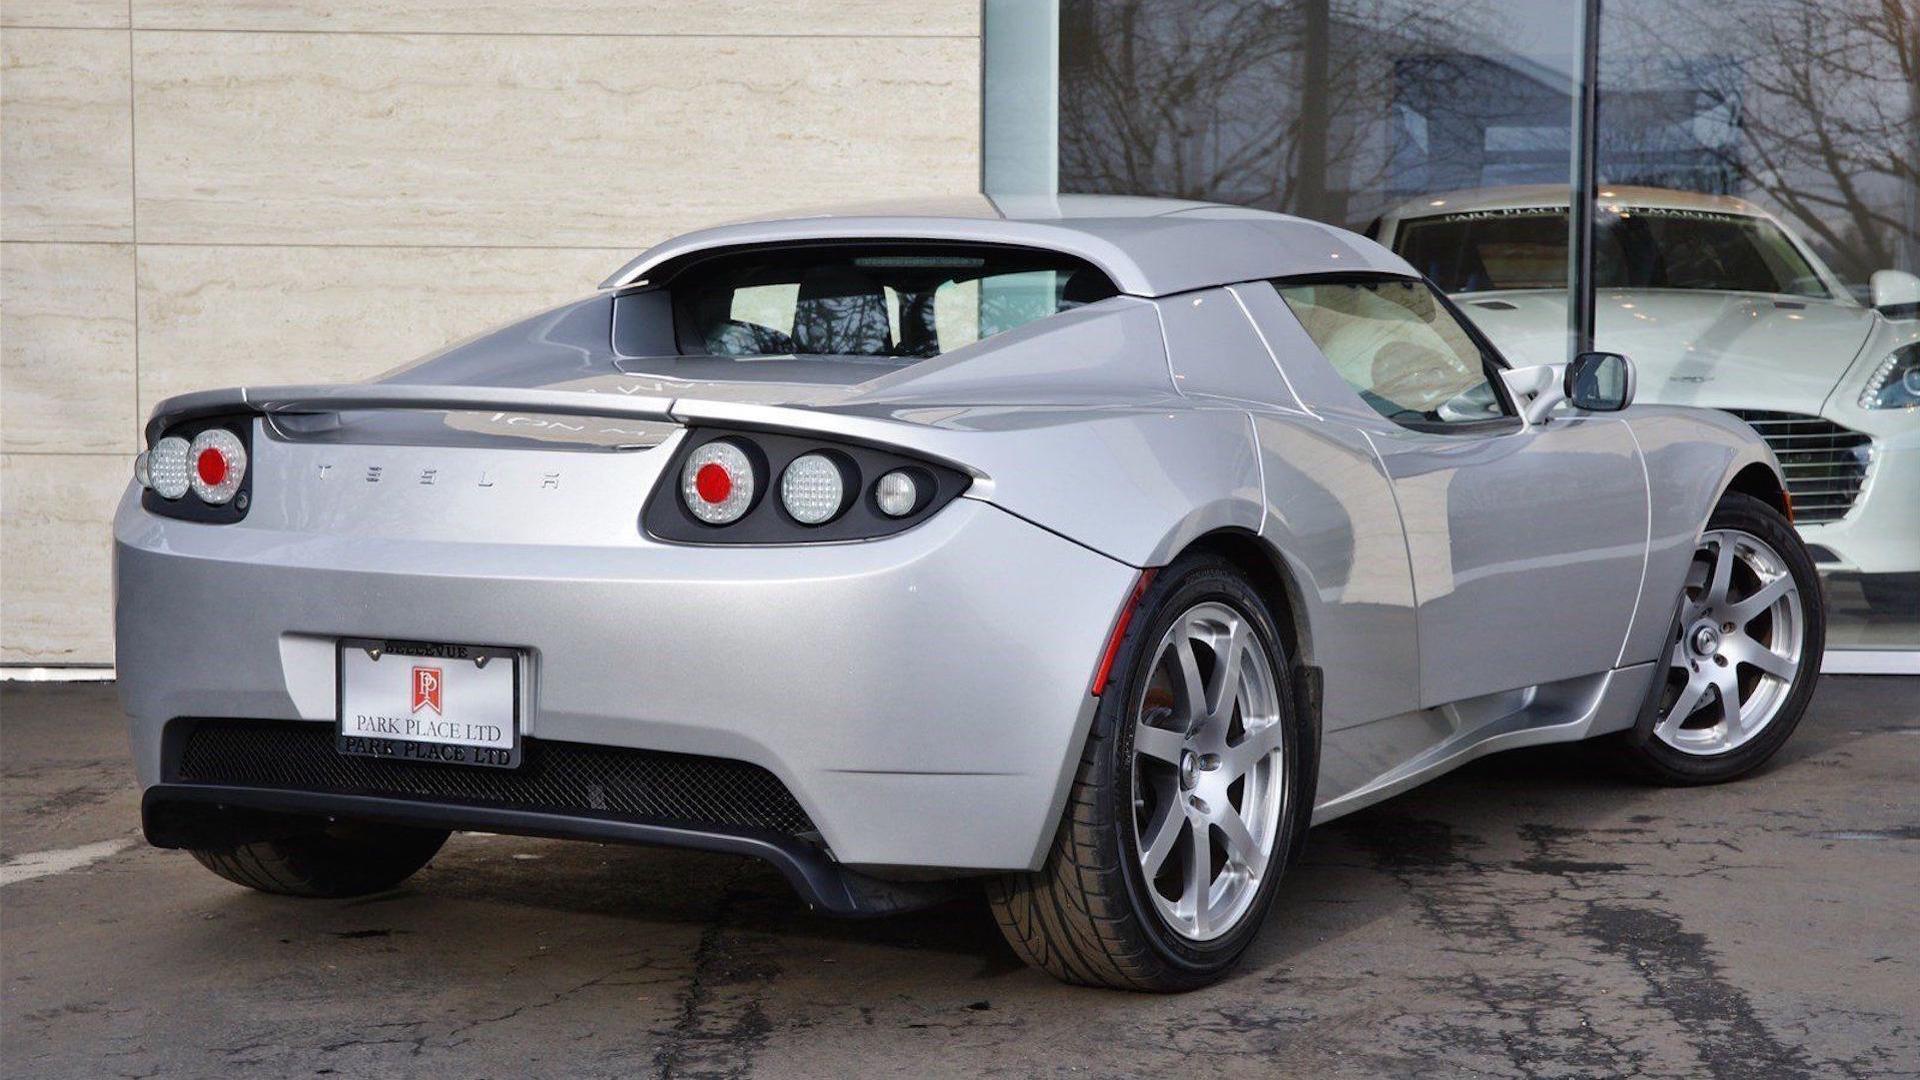 Tesla Roadster Uk Price - Tesla Image